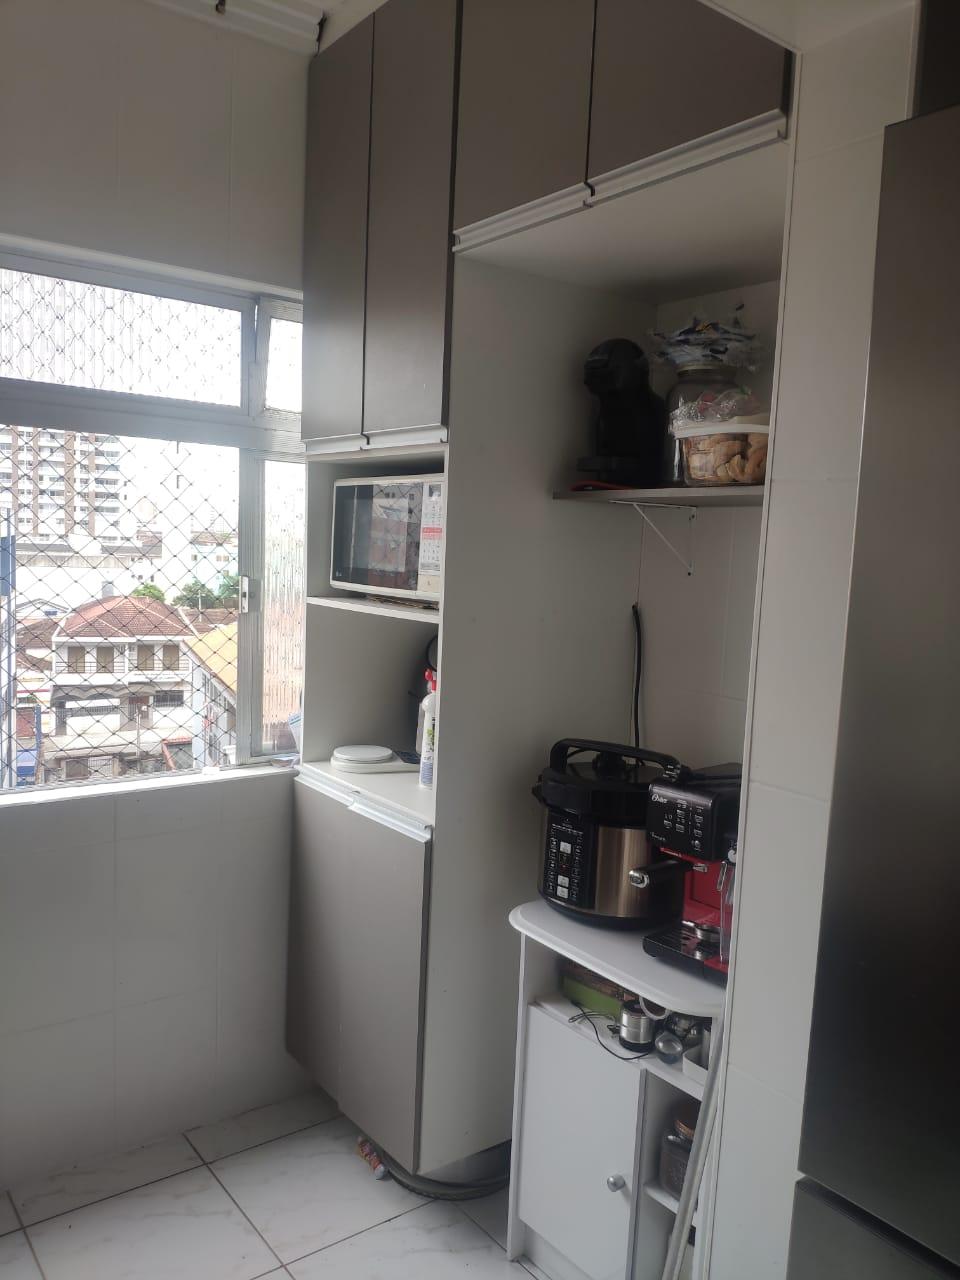 Apartamento 3 dormitórios bem arejado, iluminado, todo reformado, com piso frio e papel de parede,garagem fechada. - foto 12